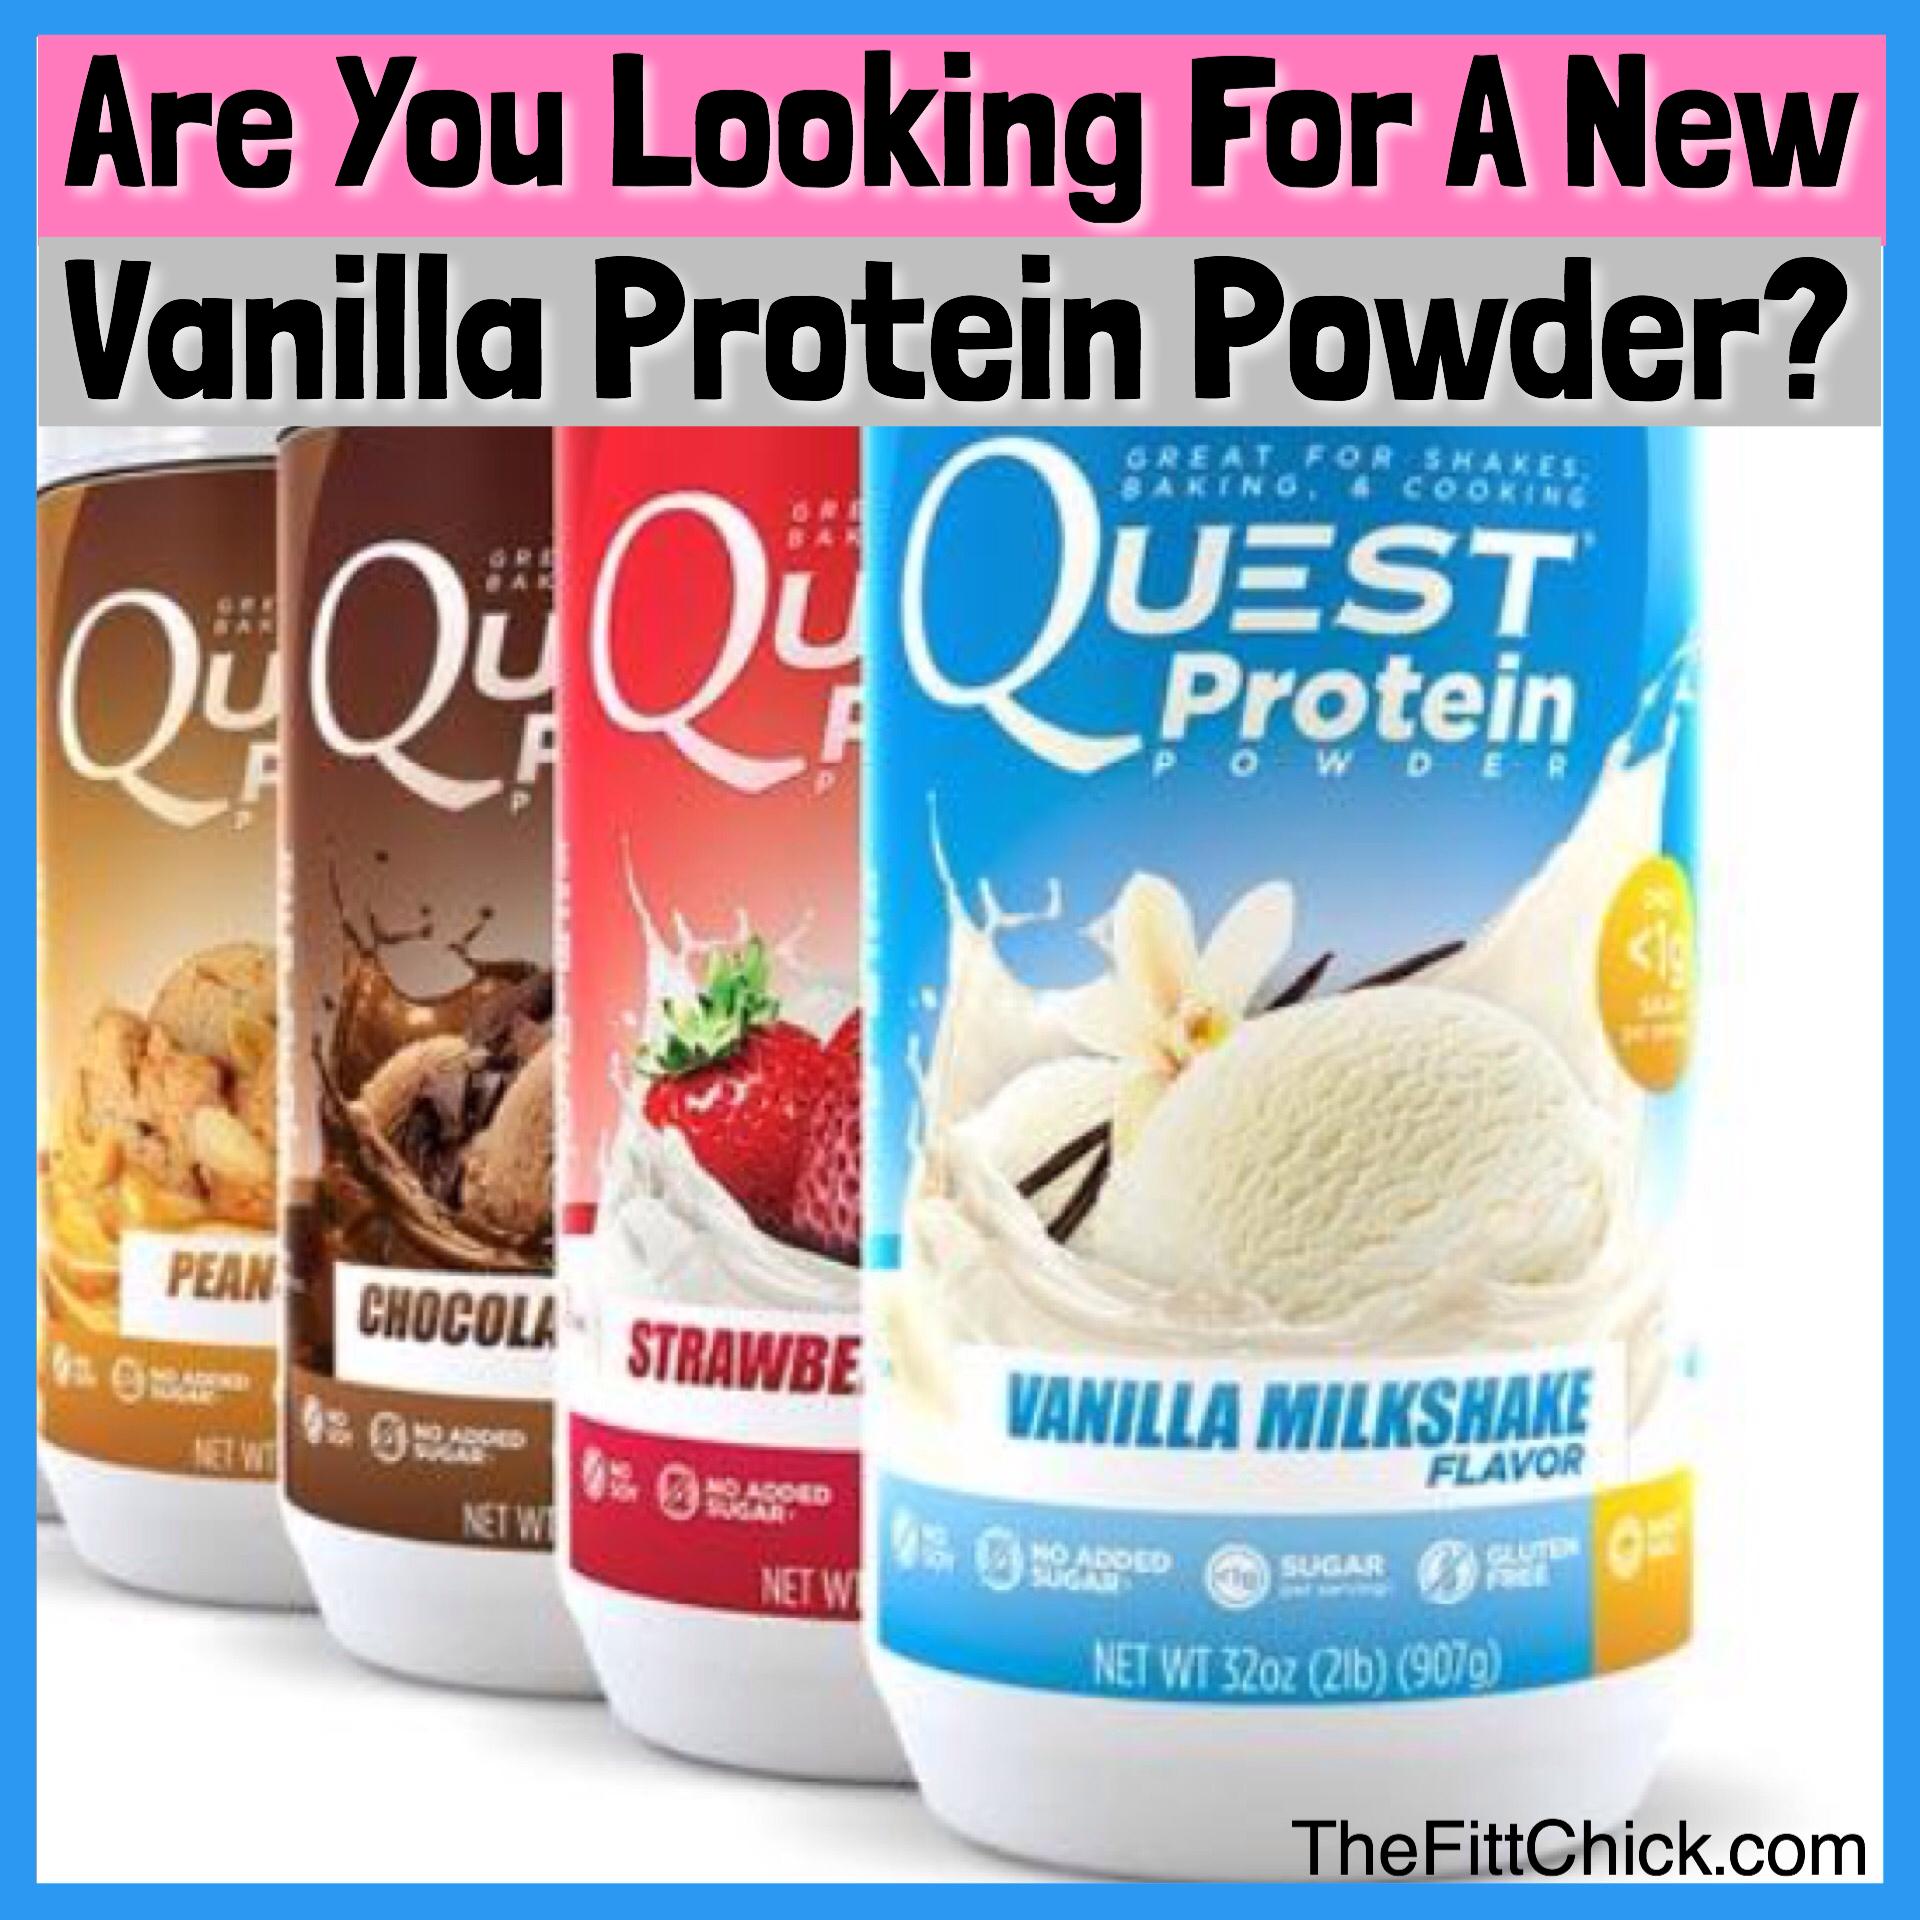 The Best New Vanilla Flavored Protein Powder